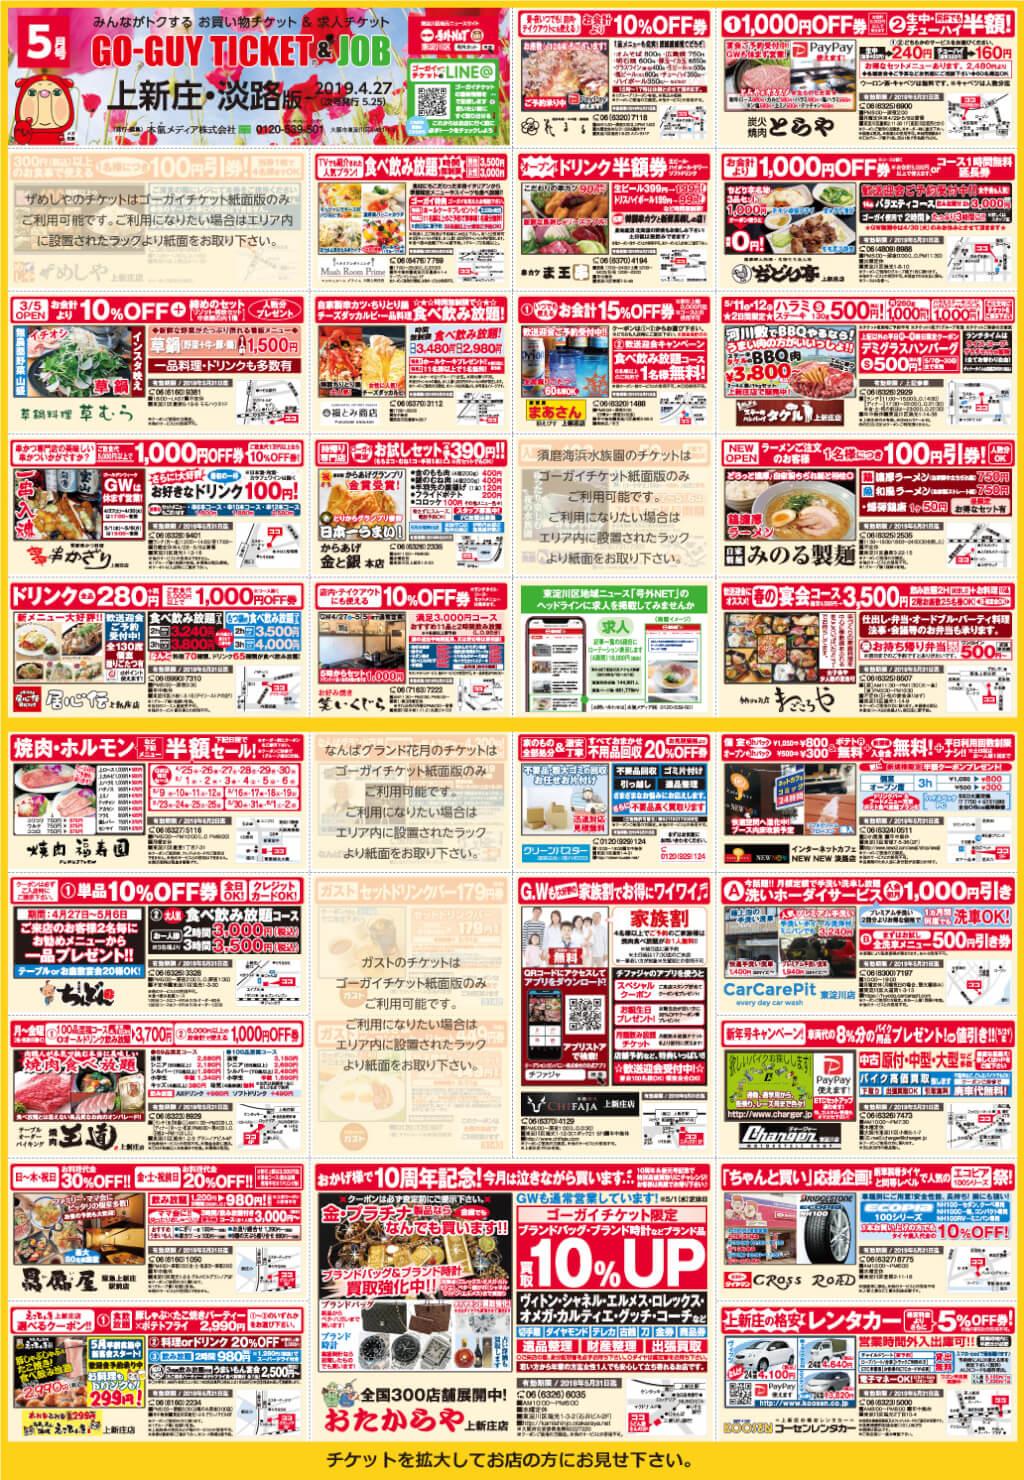 ゴーガイチケット上新庄・淡路版 2019年5月号